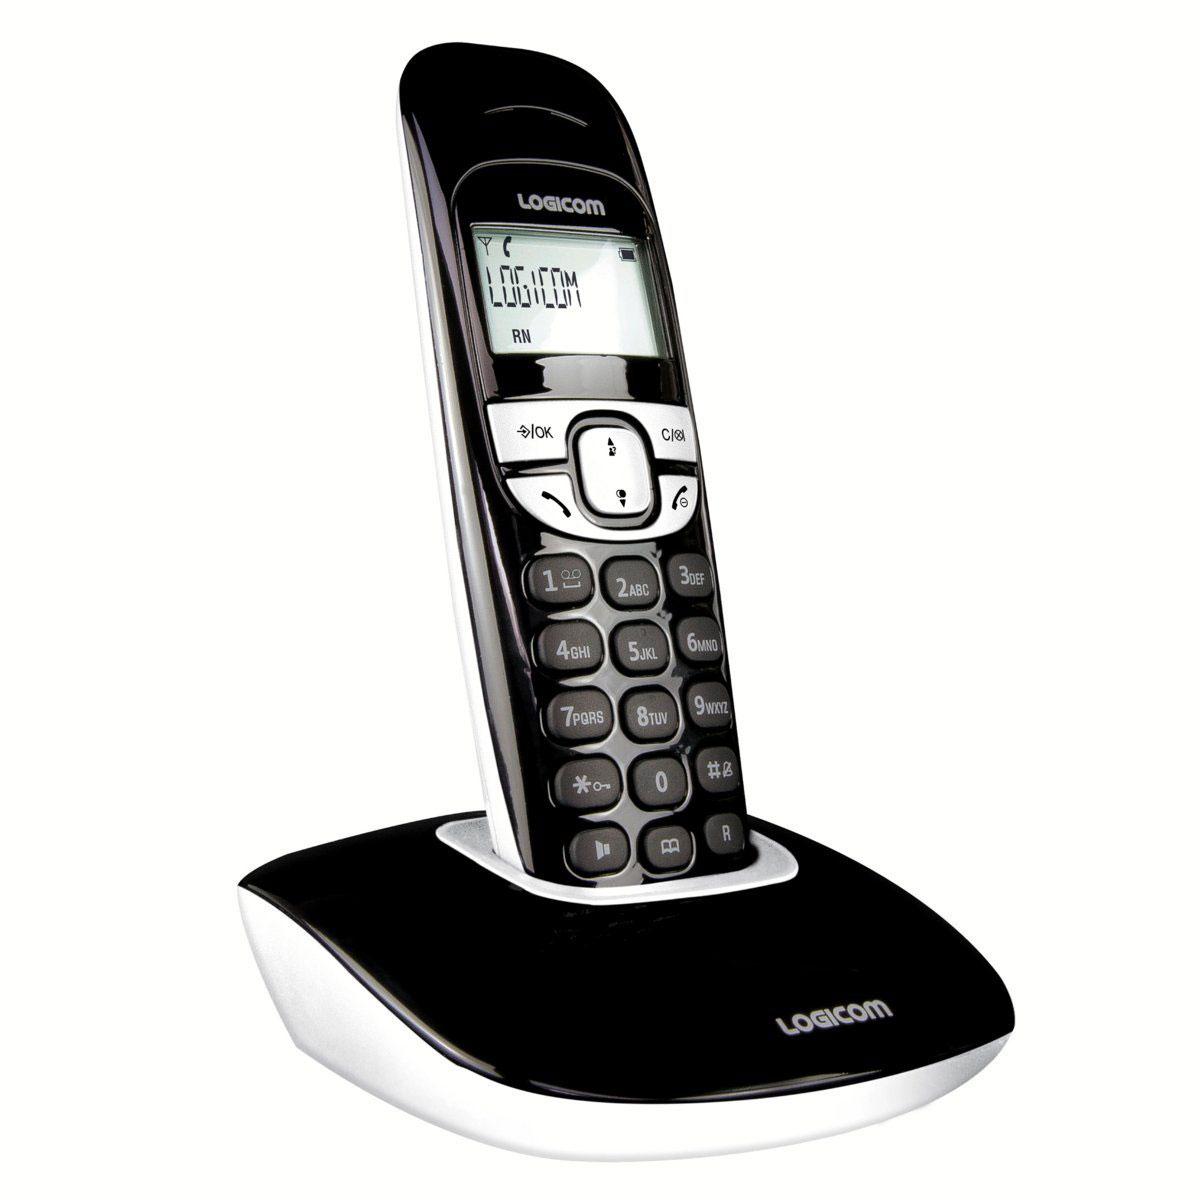 logicom soly 150 classic noir t l phone sans fil logicom sur. Black Bedroom Furniture Sets. Home Design Ideas